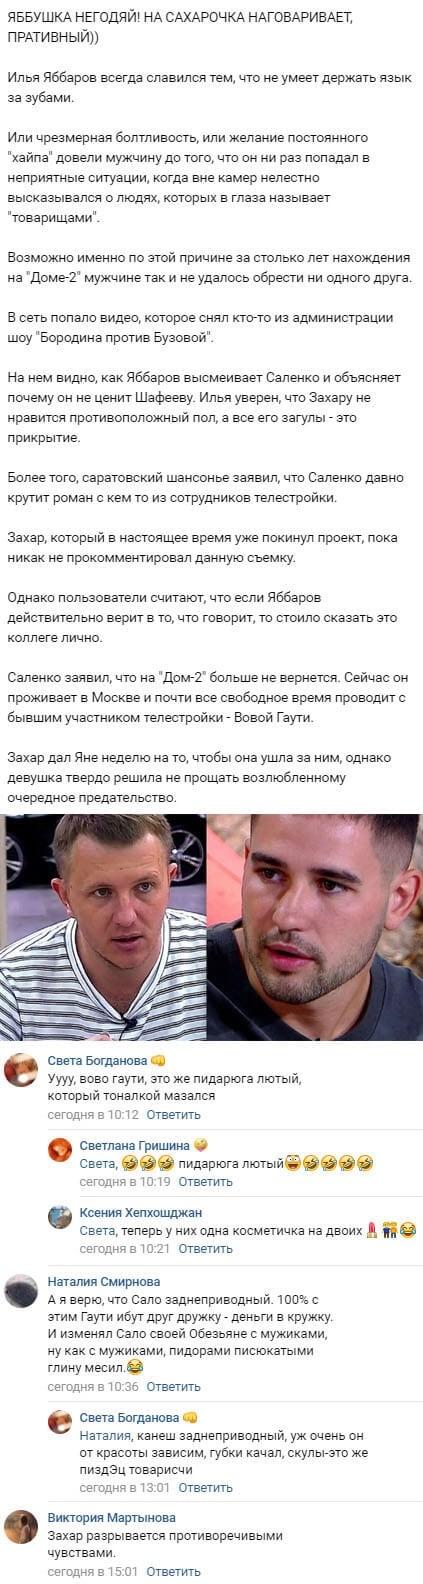 Илья Яббаров раскрыл истинную причину ненависти Саленко к Шафеевой